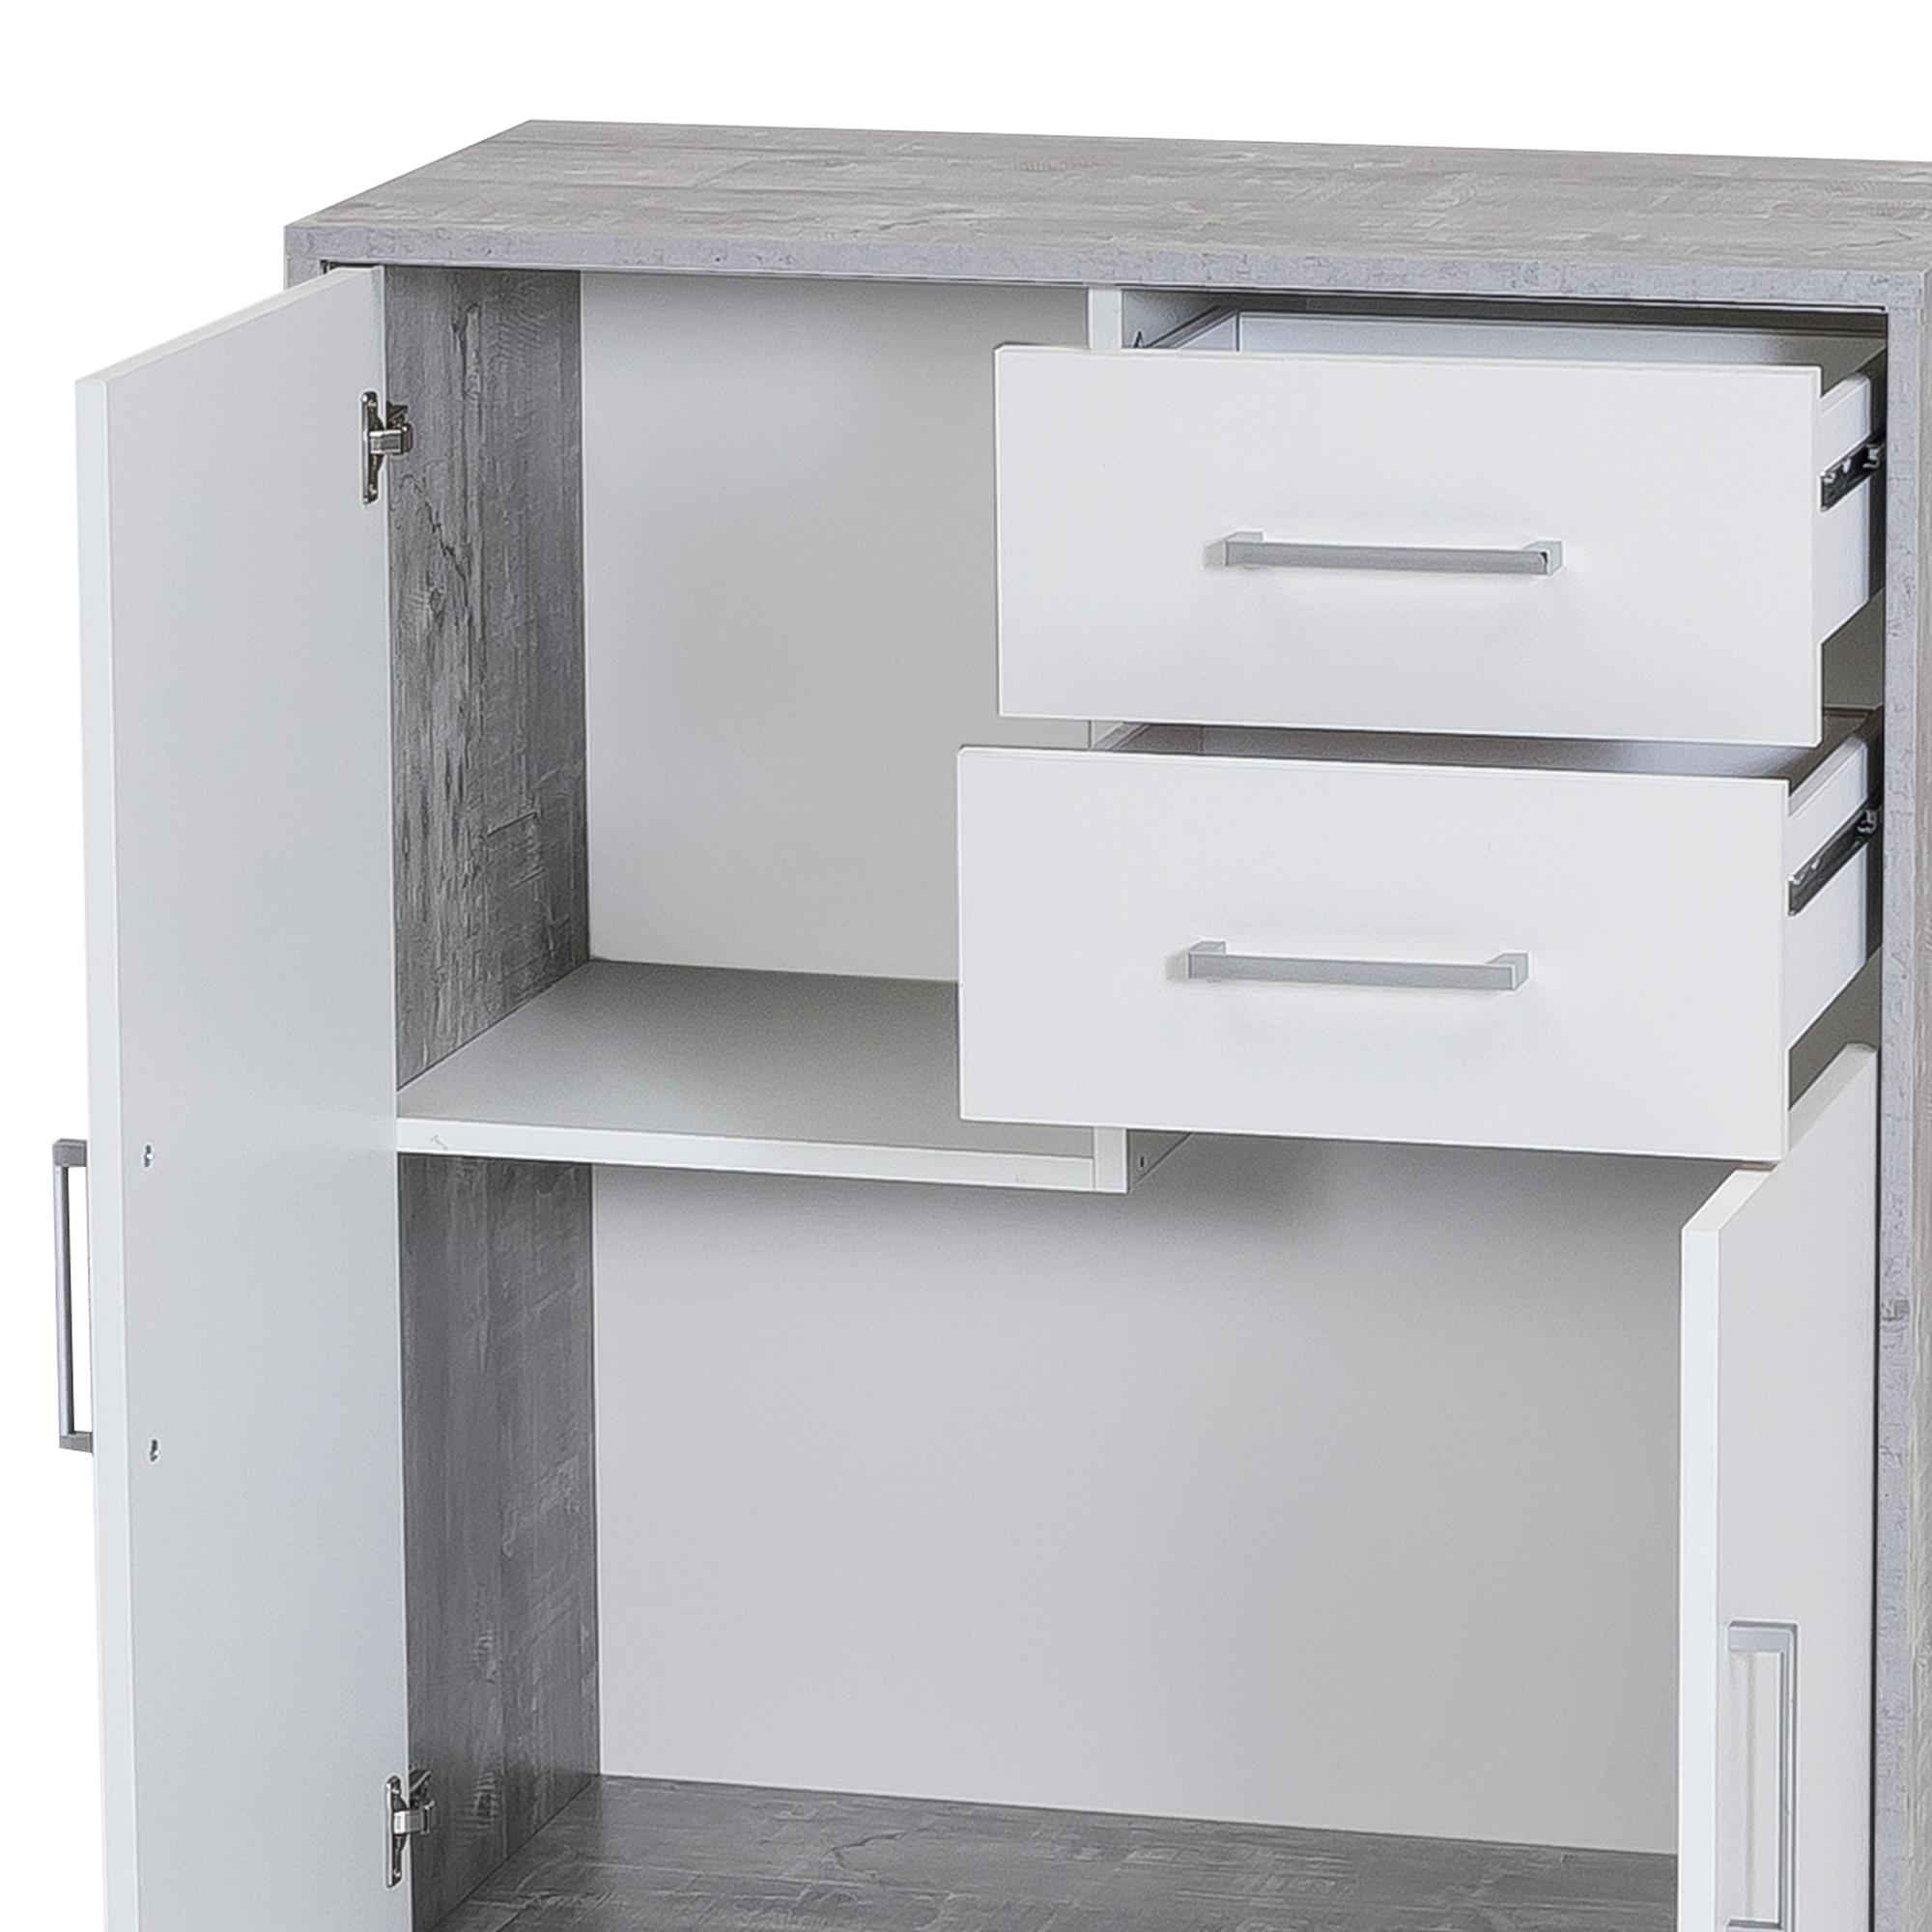 kommode uta 2 t rig 2 schubladen 73 cm breit wei beton grau wohnen sideboards. Black Bedroom Furniture Sets. Home Design Ideas